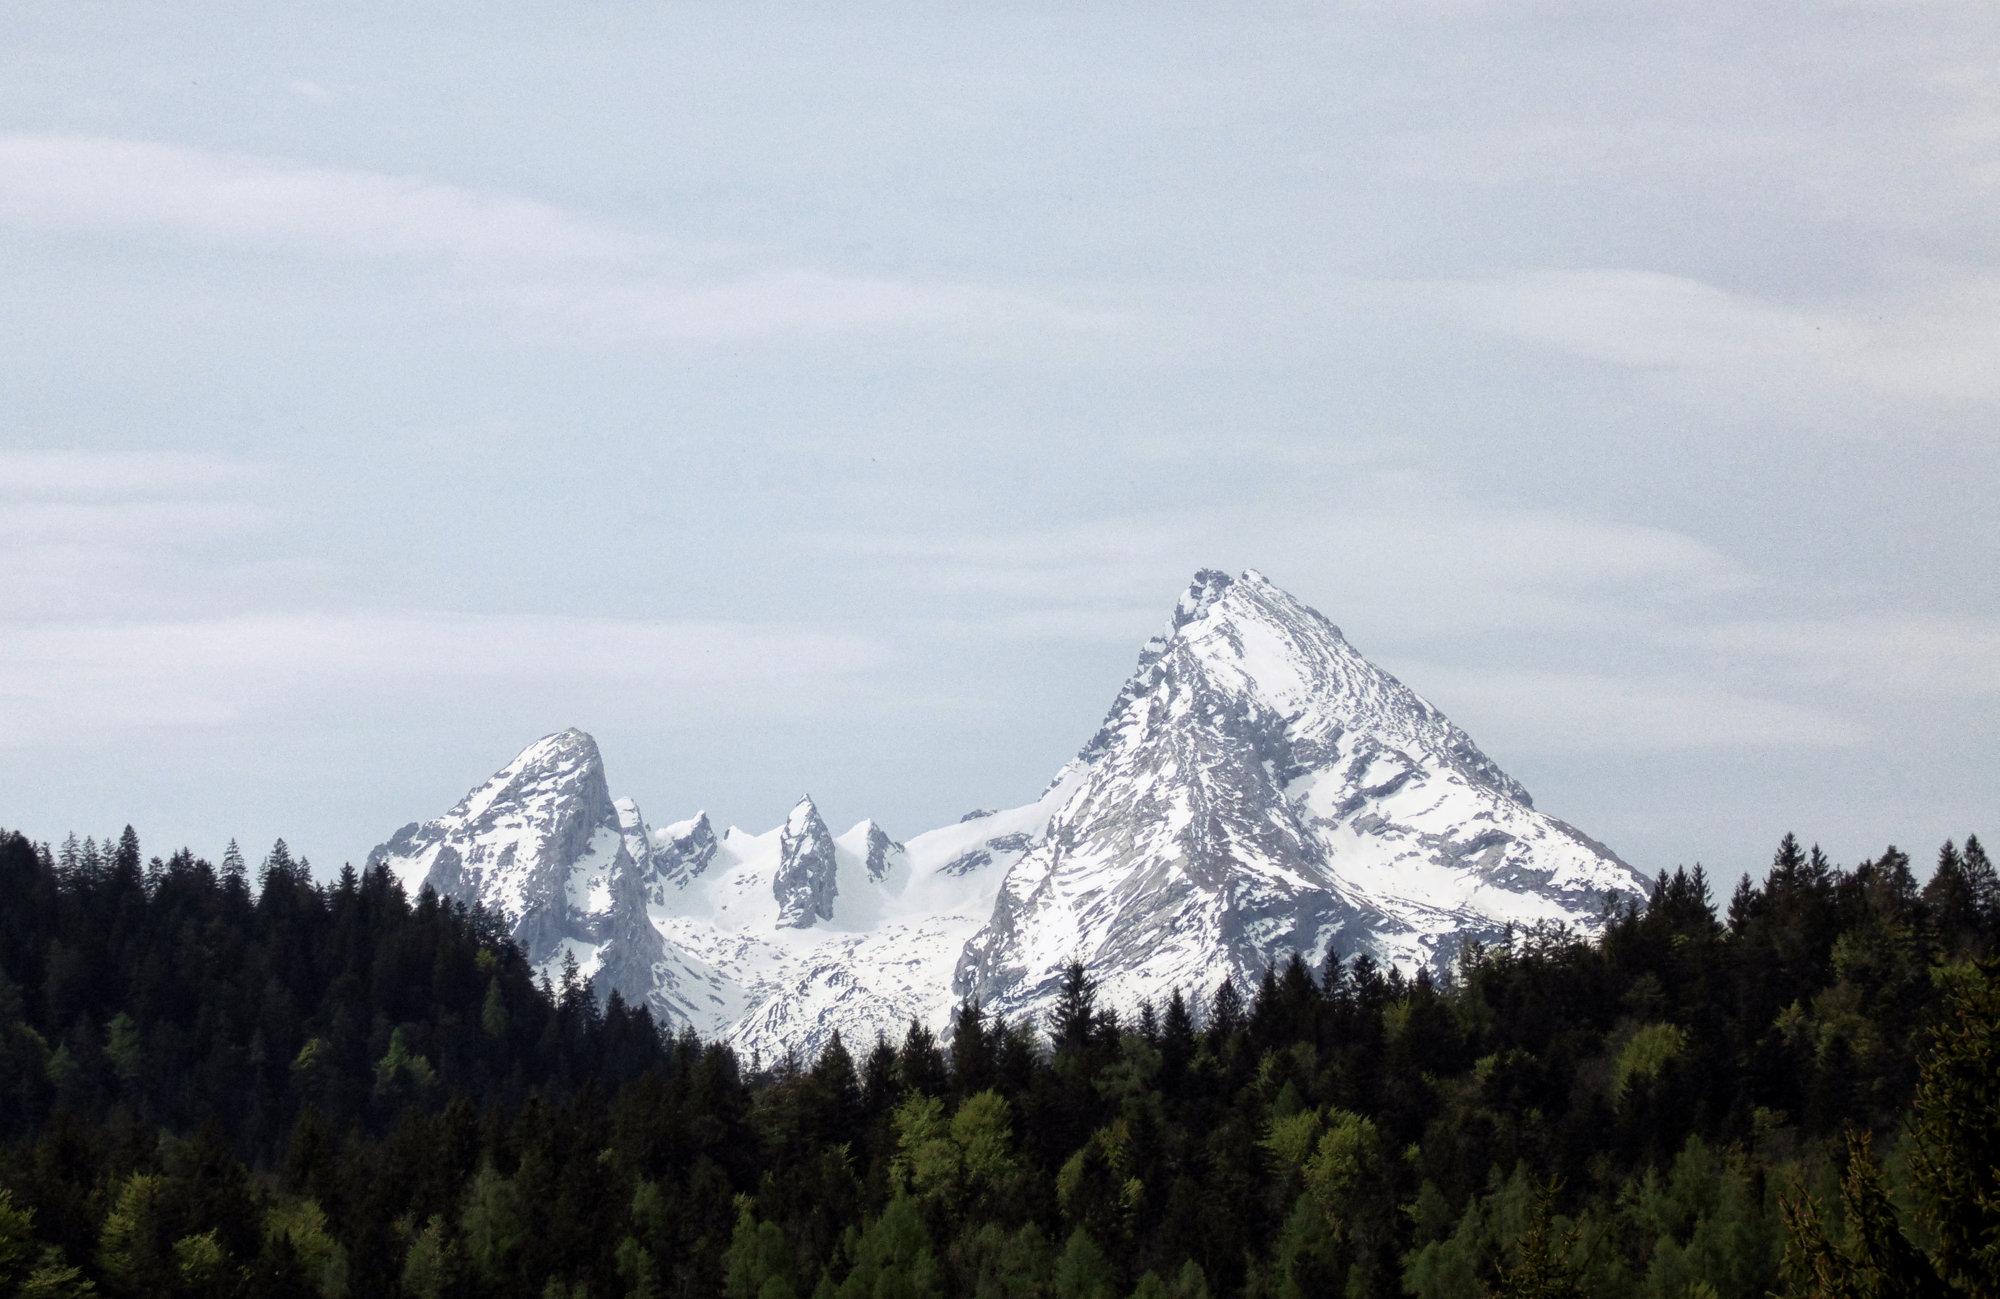 Wanderungen mit Blick auf den Watzmann, Berchtesgadener Alpen